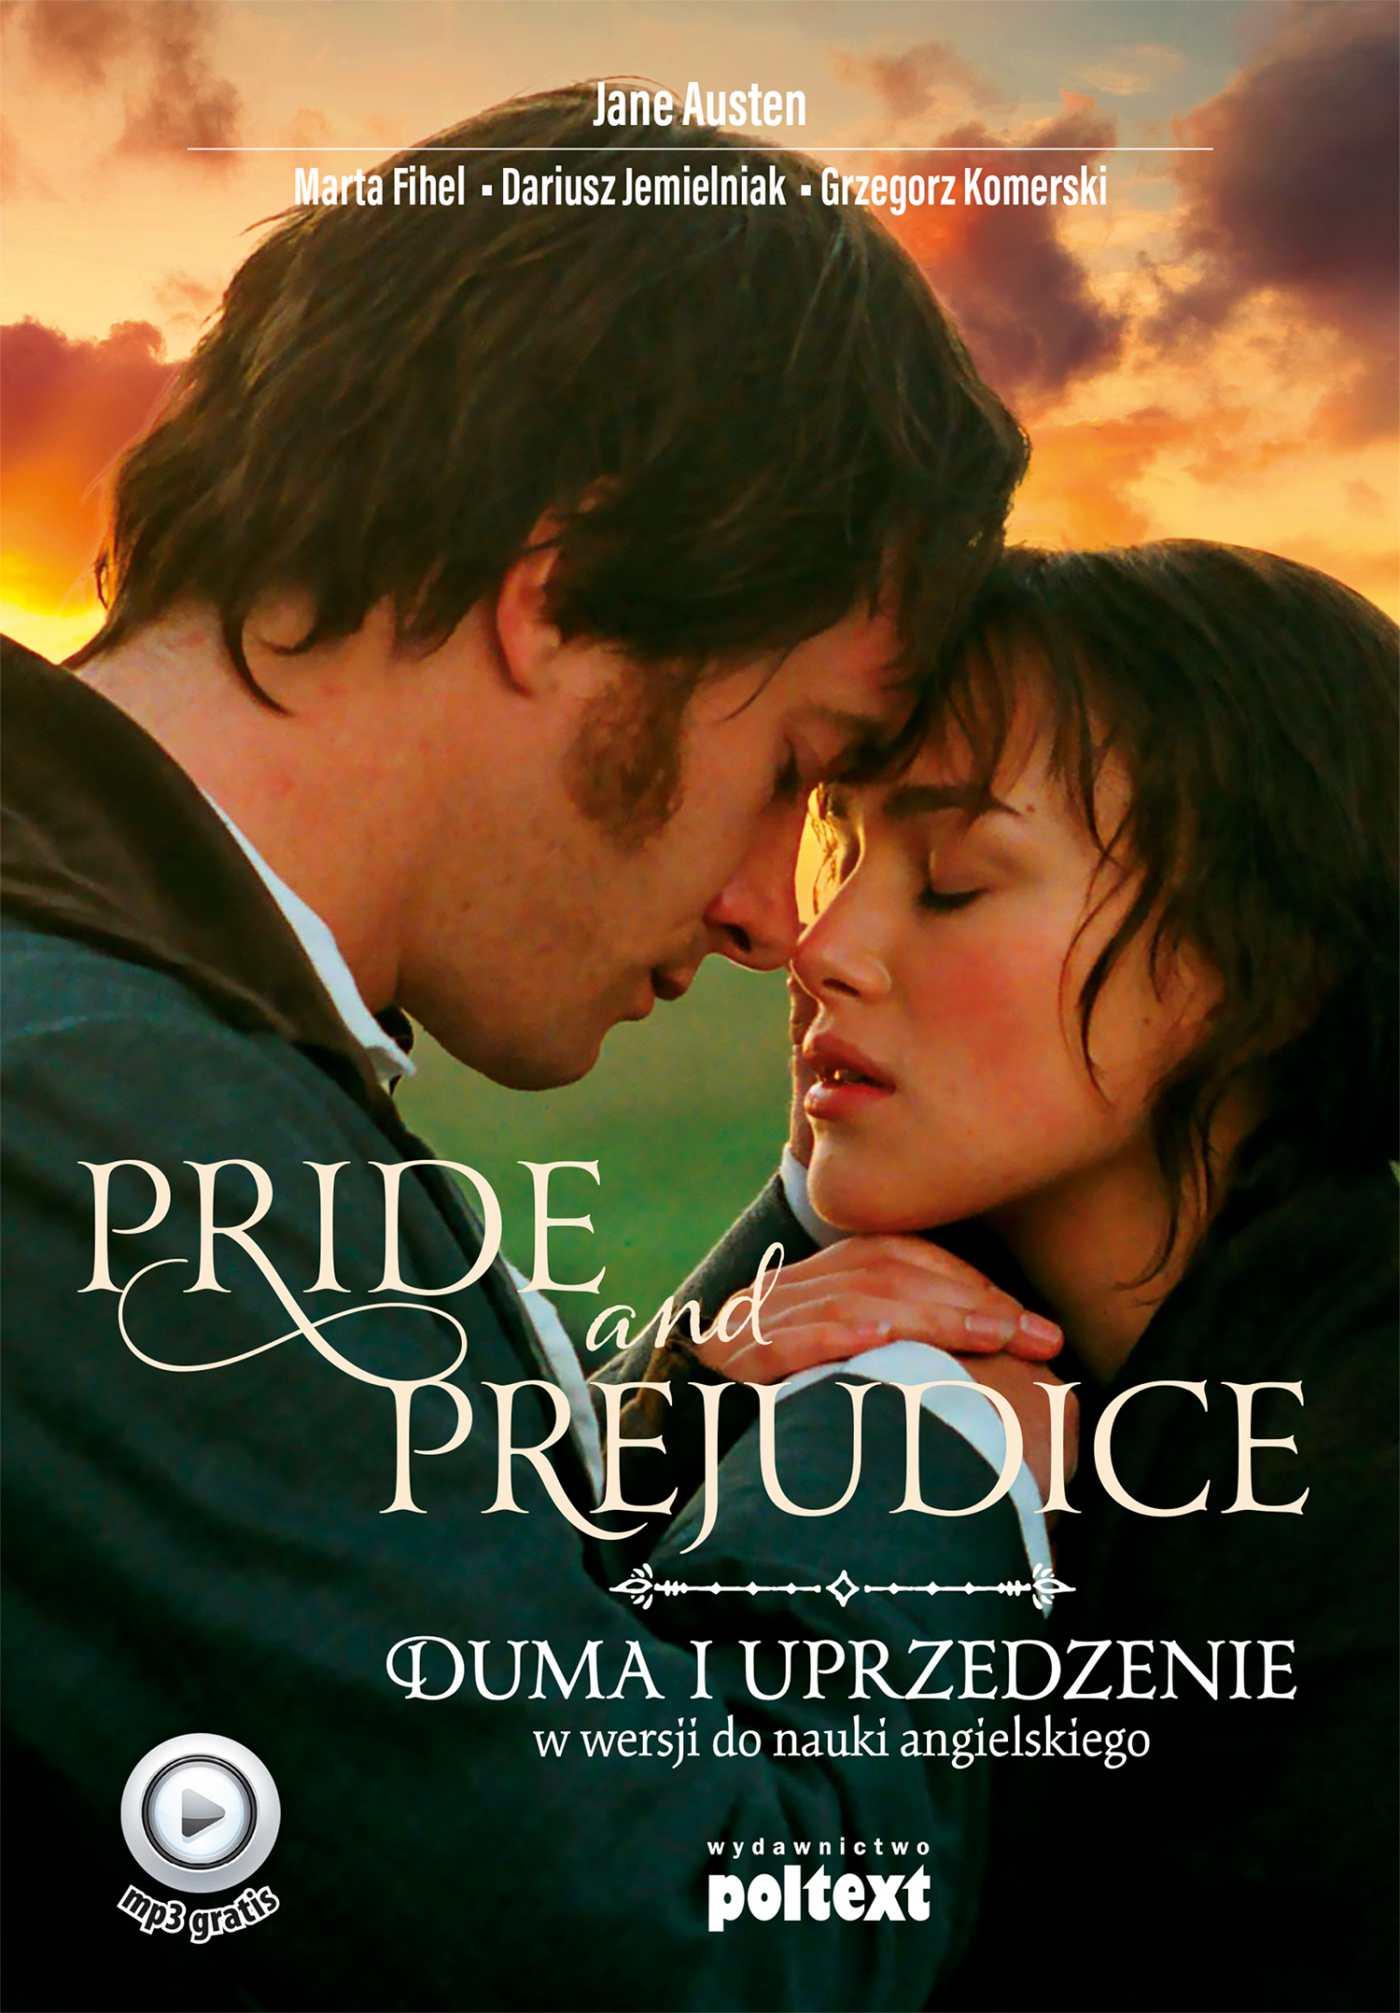 Pride and Prejudice. Duma i uprzedzenie w wersji do nauki angielskiego - Ebook (Książka na Kindle) do pobrania w formacie MOBI